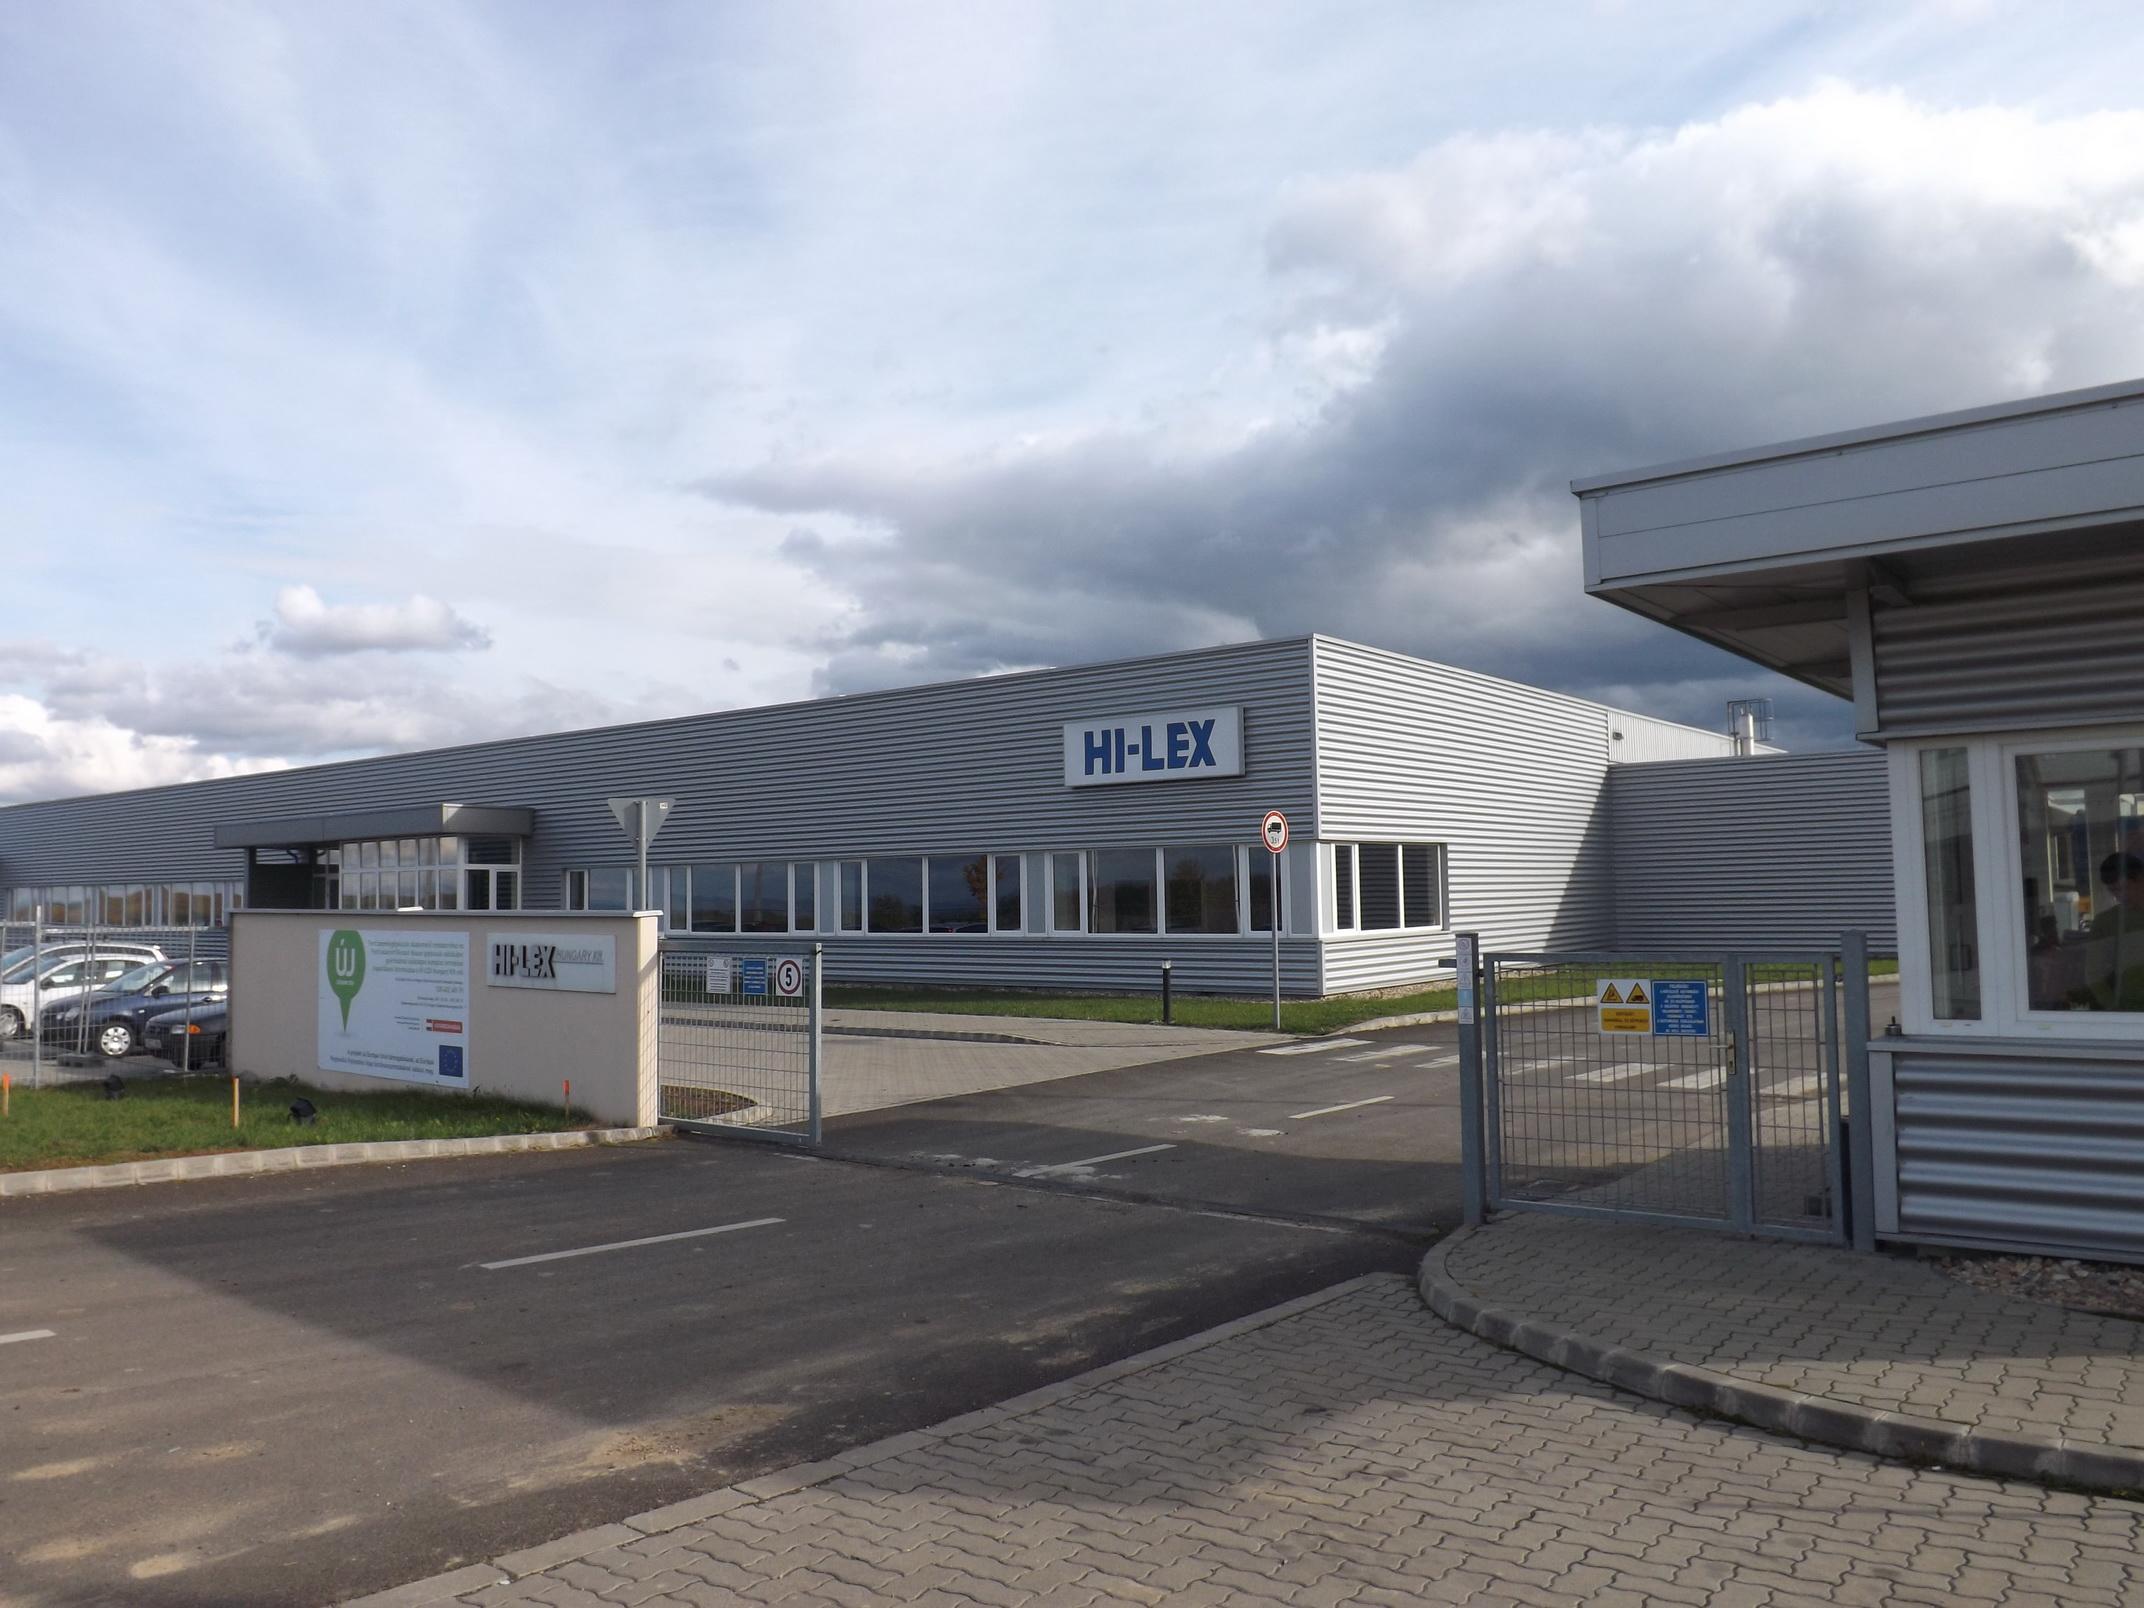 Új raktárcsarnokot épített a HI-LEX Rétságon